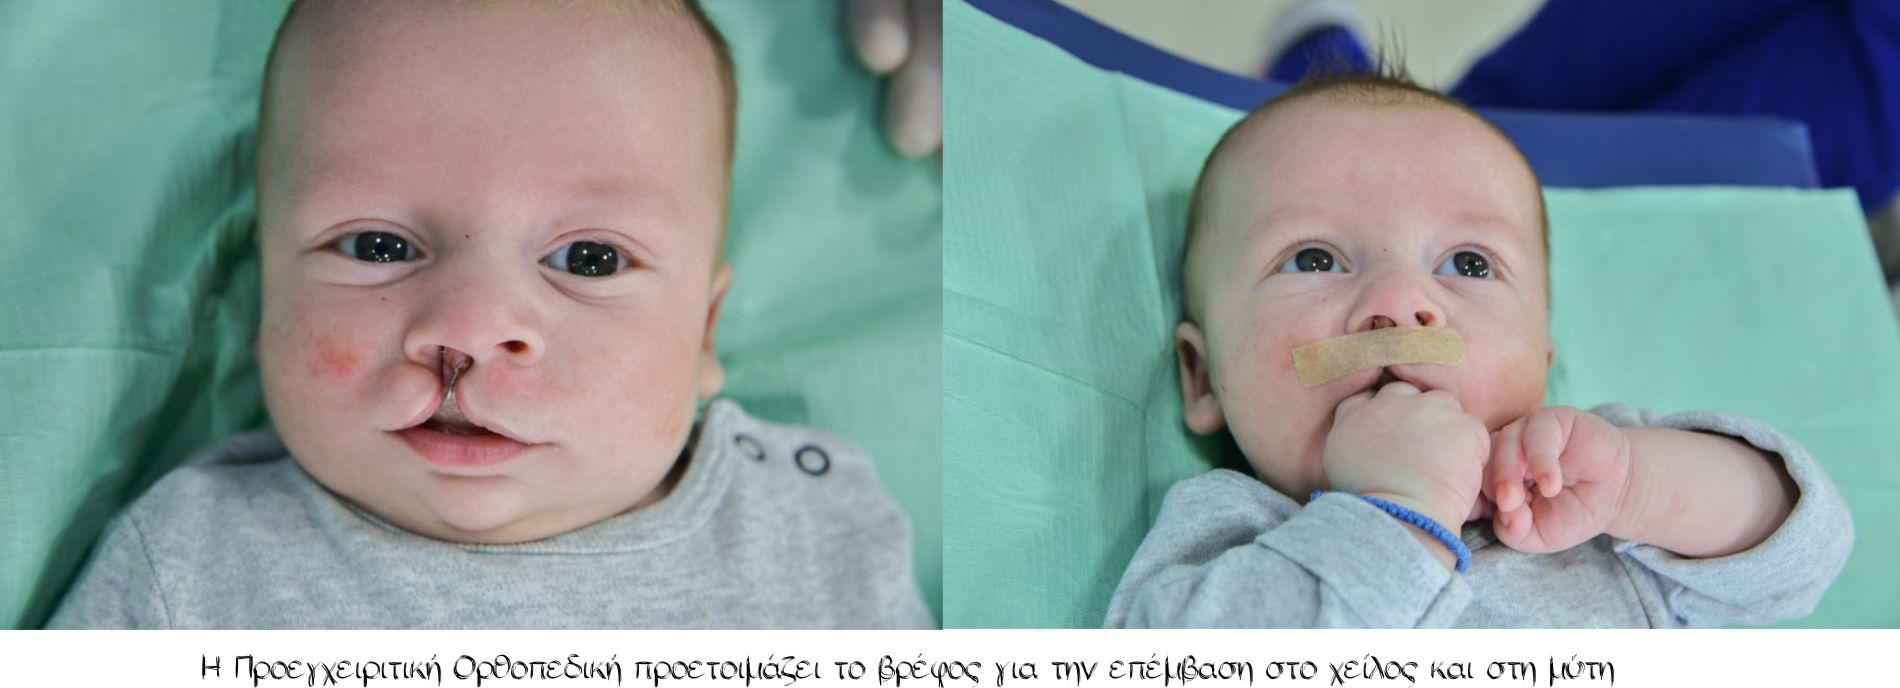 Η προεγχειριτική ορθοπεδική προετοιμάζει το βρέφος για την επέμβαση στο χείλος και στη μύτη